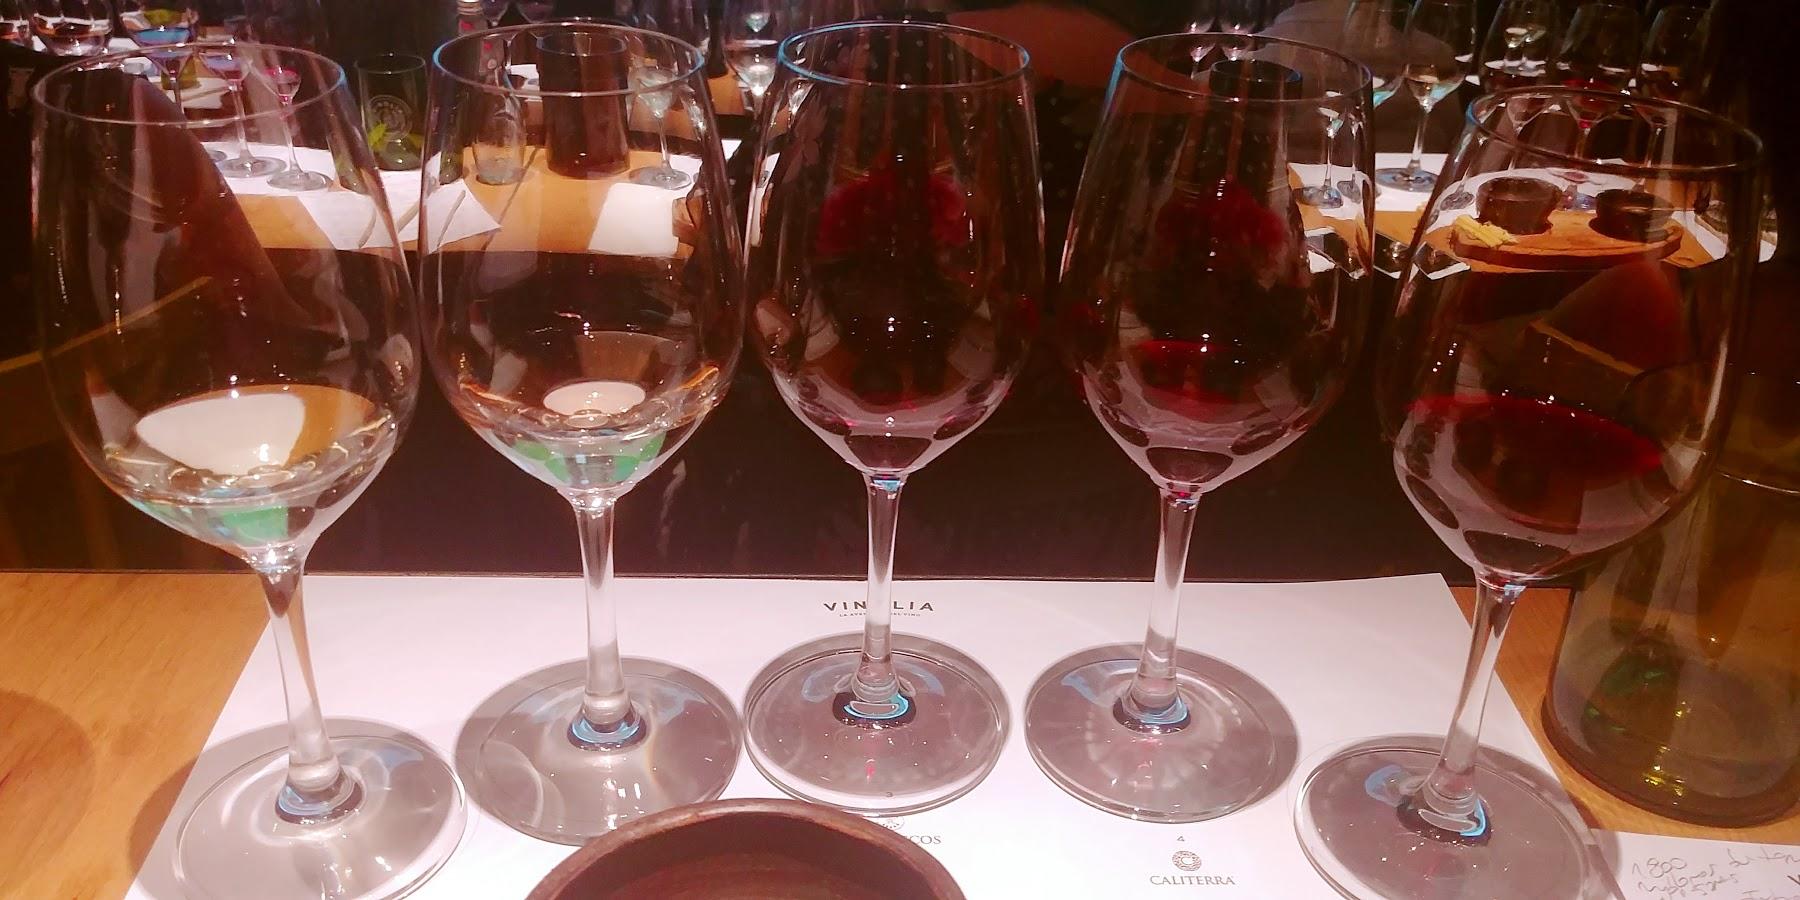 Recorre los valles del vino con el nuevo tour virtual de BigBox.